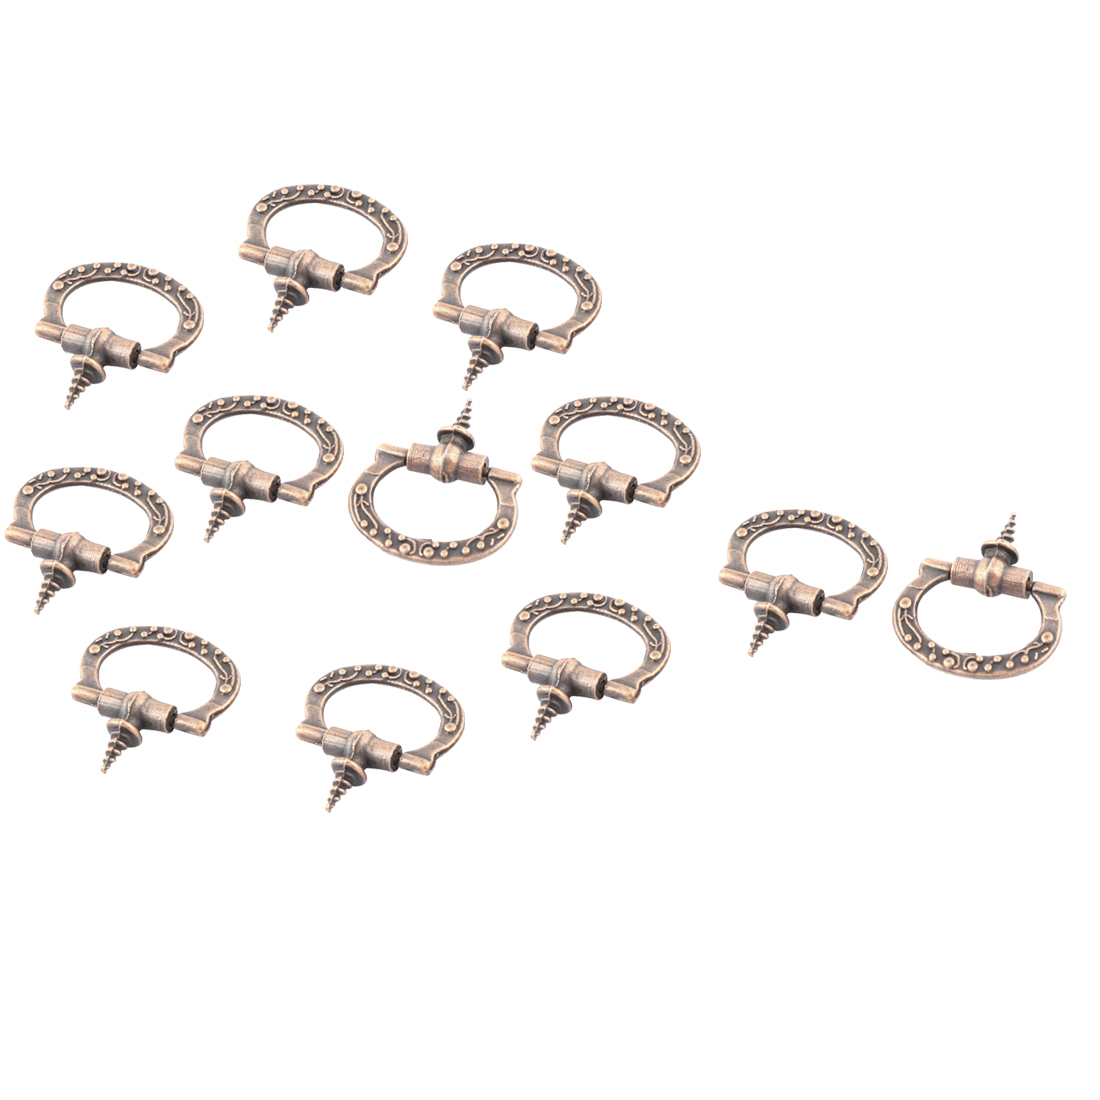 Metal Dresser Door Jewelry Box Drawer Pull Handle Ring Knob 2mm Thread Dia 12pcs